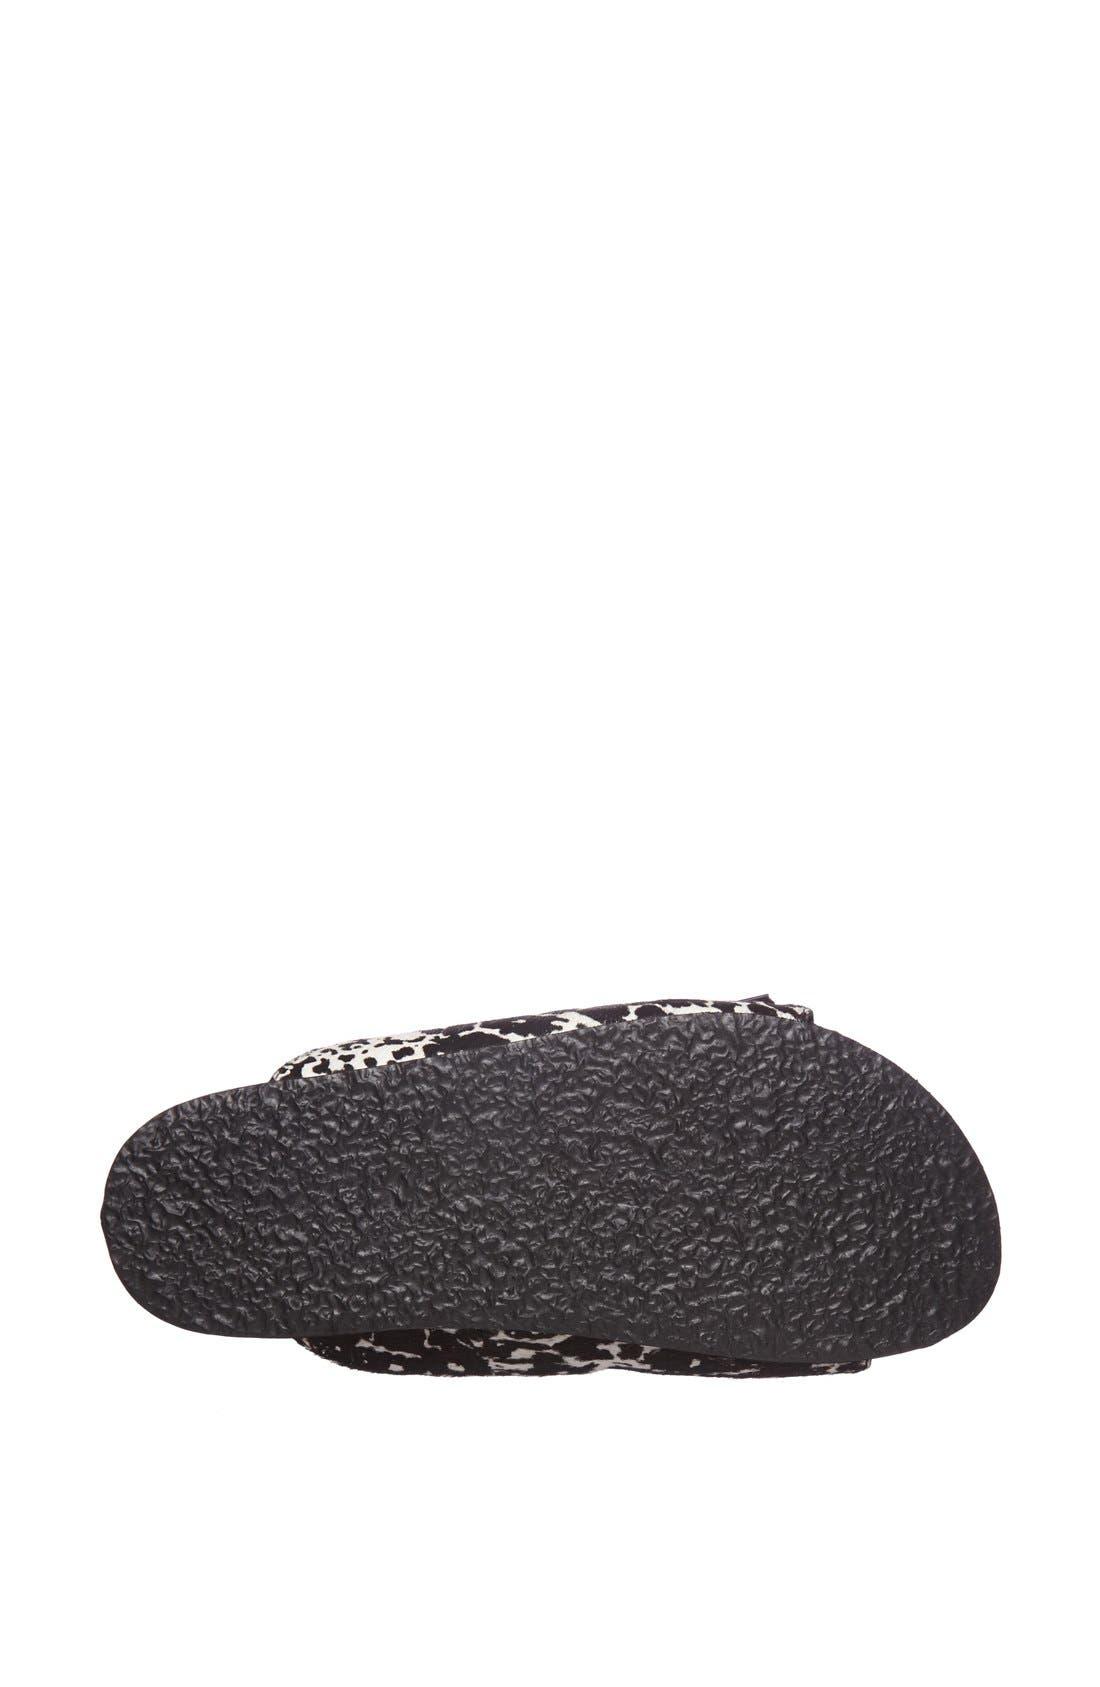 Alternate Image 4  - Steve Madden 'Boundree' Calf Hair Sandal